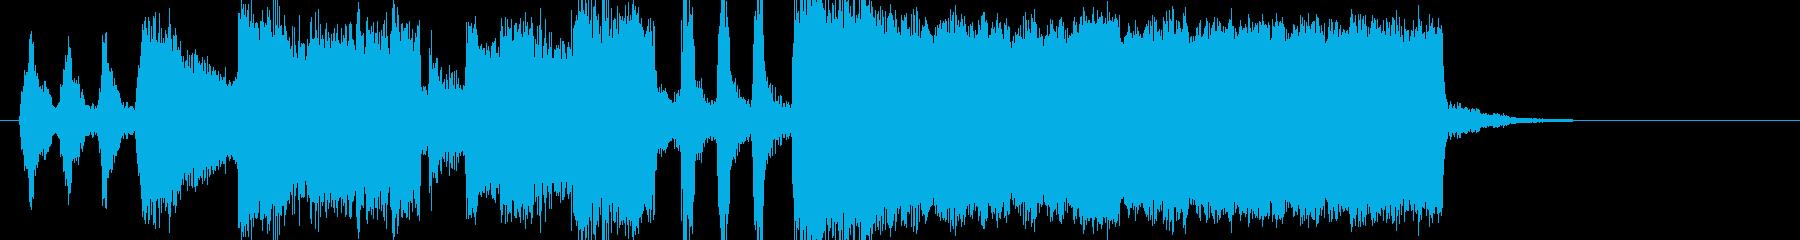 演歌 定番の再生済みの波形